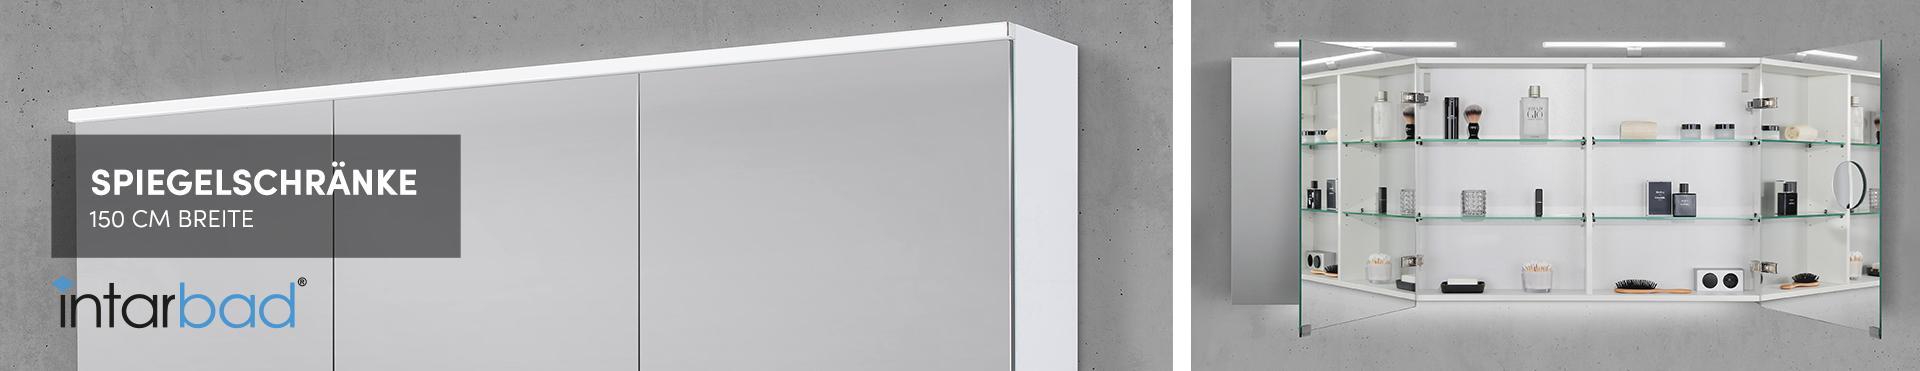 150 cm Spiegelschränke